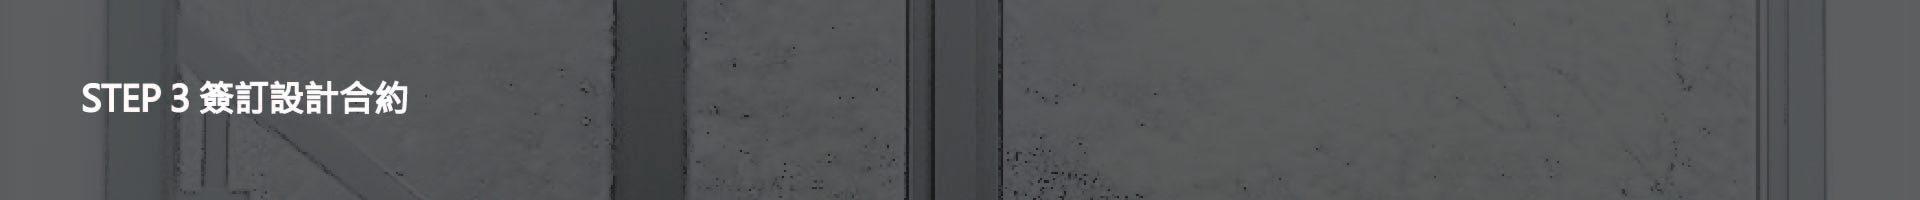 衍項服務流程-03